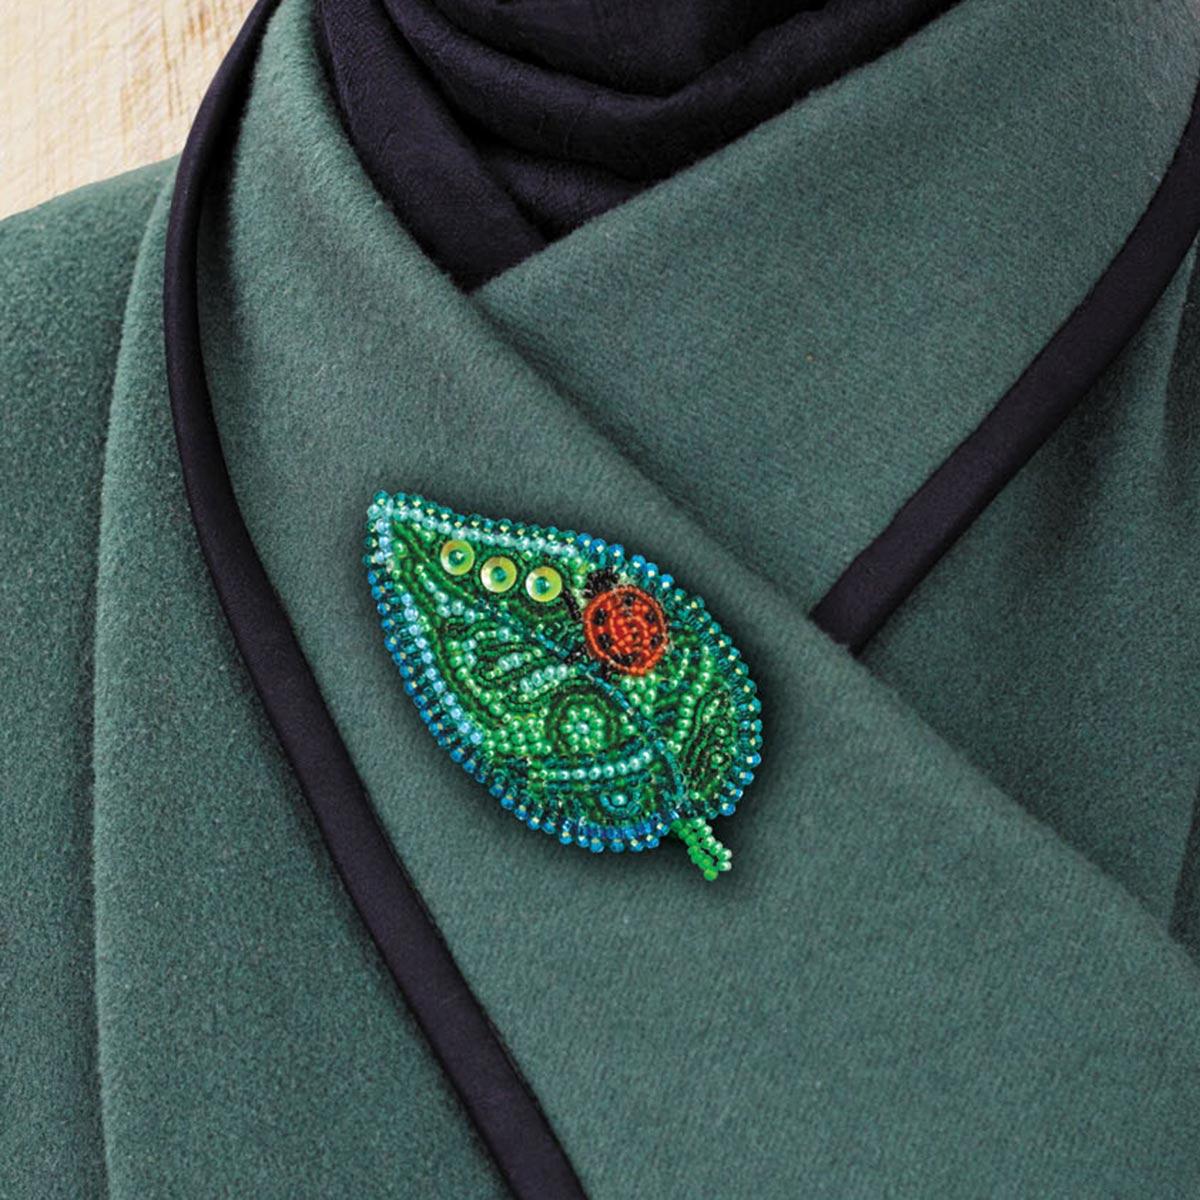 АД-019 Набор для вышивки бисером украшения на натур. художественном холсте Паттернхолст 'Маленькая гостья'6,4*4,7см фото